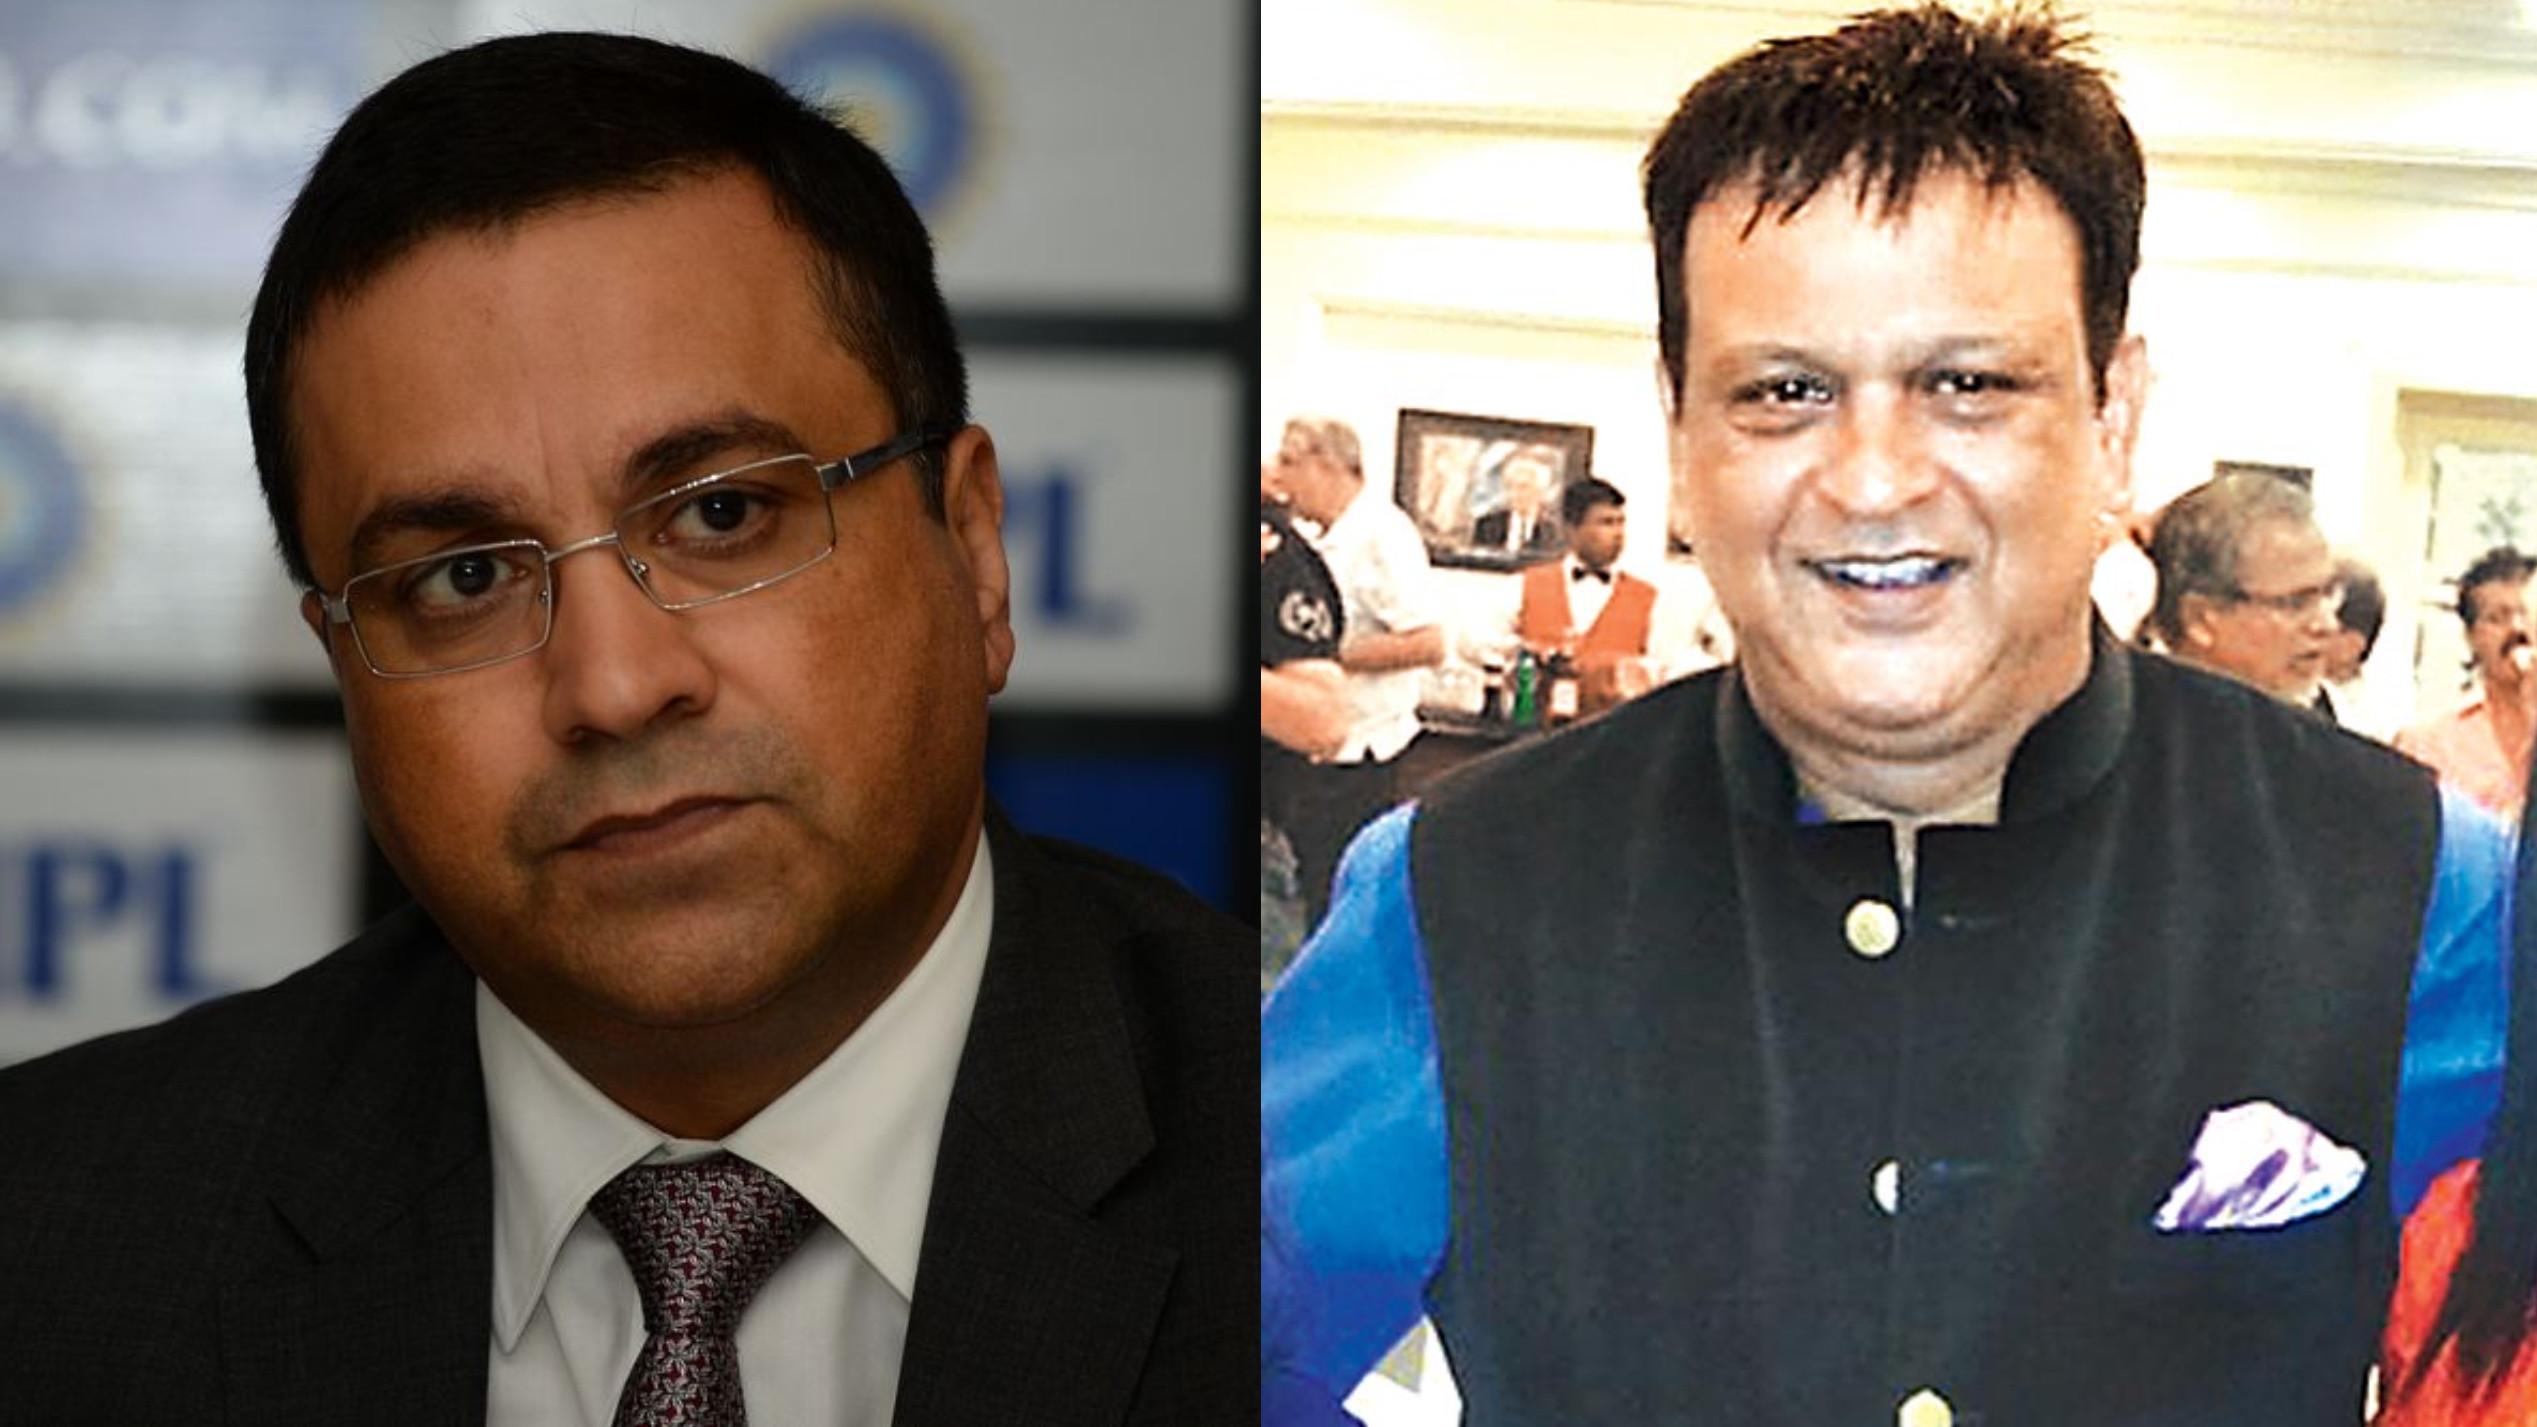 शिशिर हट्टंगडी यौन उत्पीड़न मामले में राहुल जोहरी के खिलाफ गवाही देने के लिए हैं तैयार